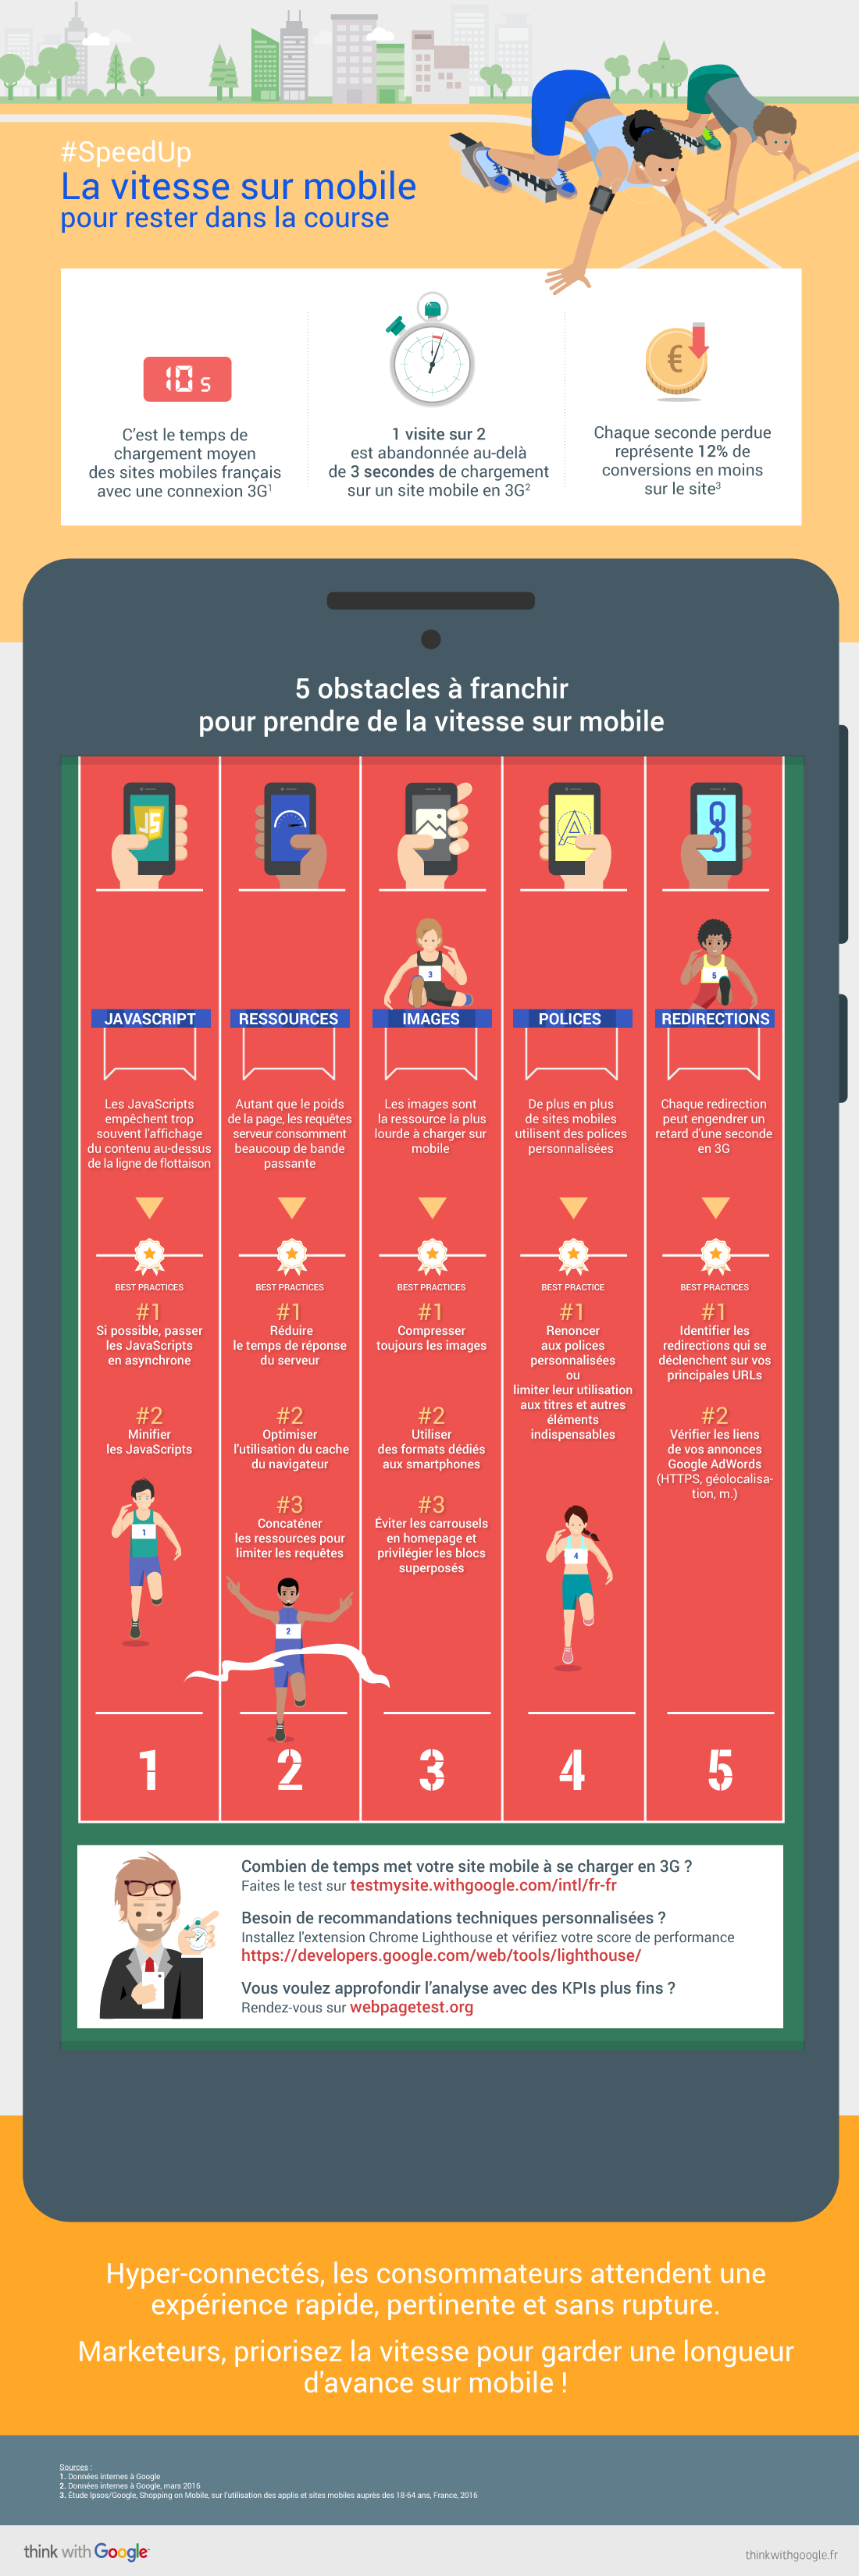 Infographie sur temps de chargement